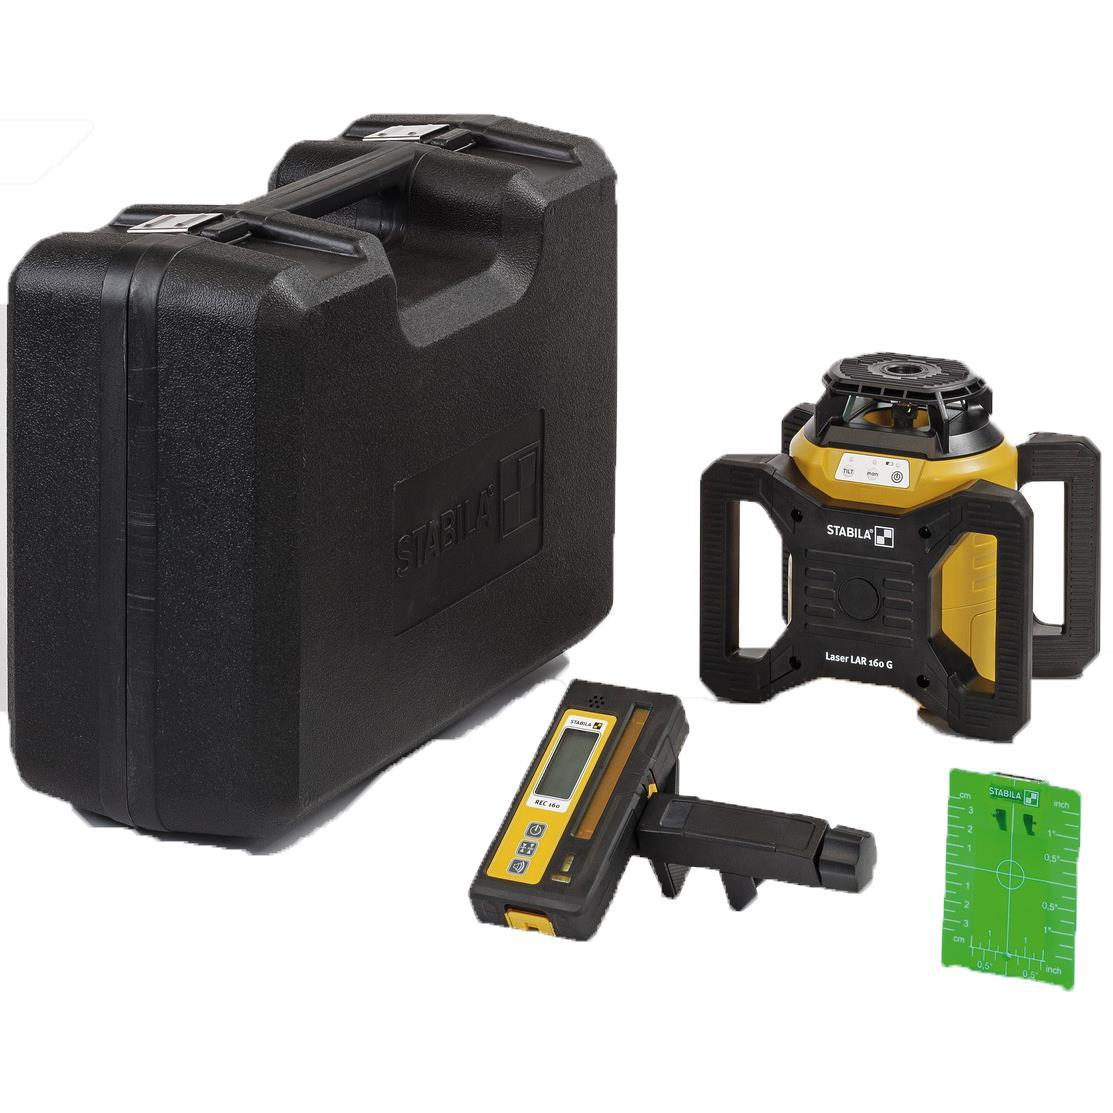 Stabila LAR 160 G Rotationslaserpaket 4 delar med grön laser mottagare väska & tillbehör